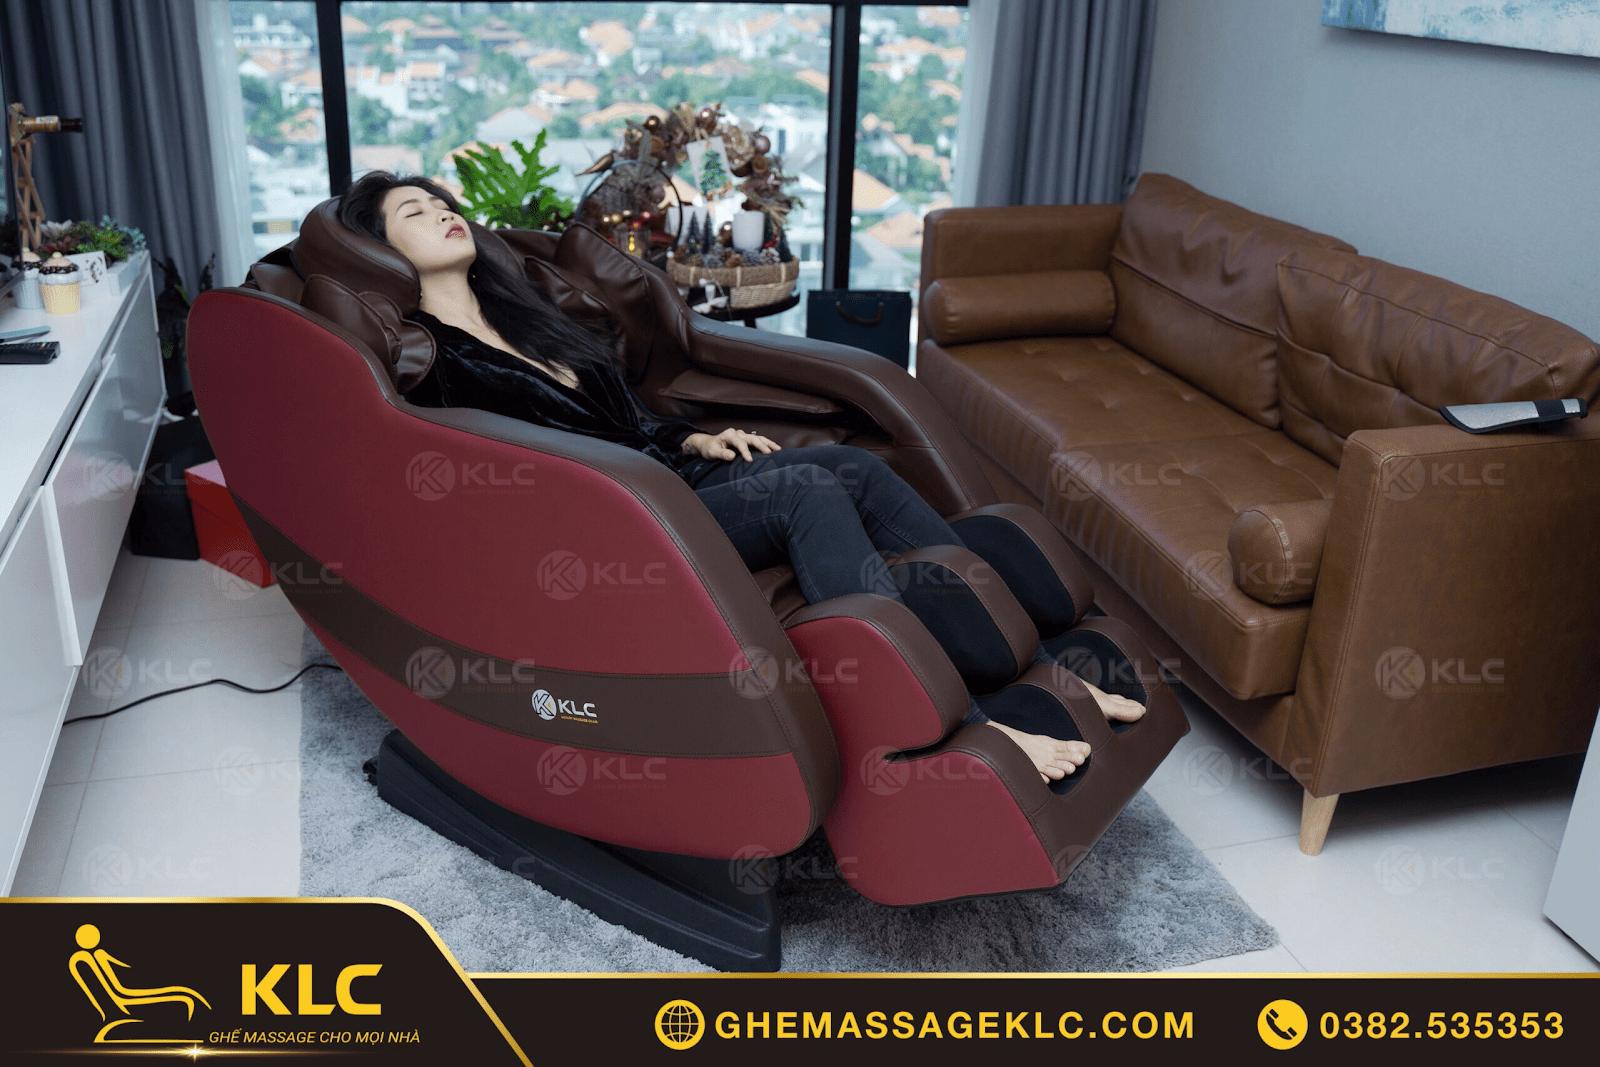 MC Liêu Hà Trinh đã tin tưởng lựa chọn ghế massage KLC cho gia đình sử dụng